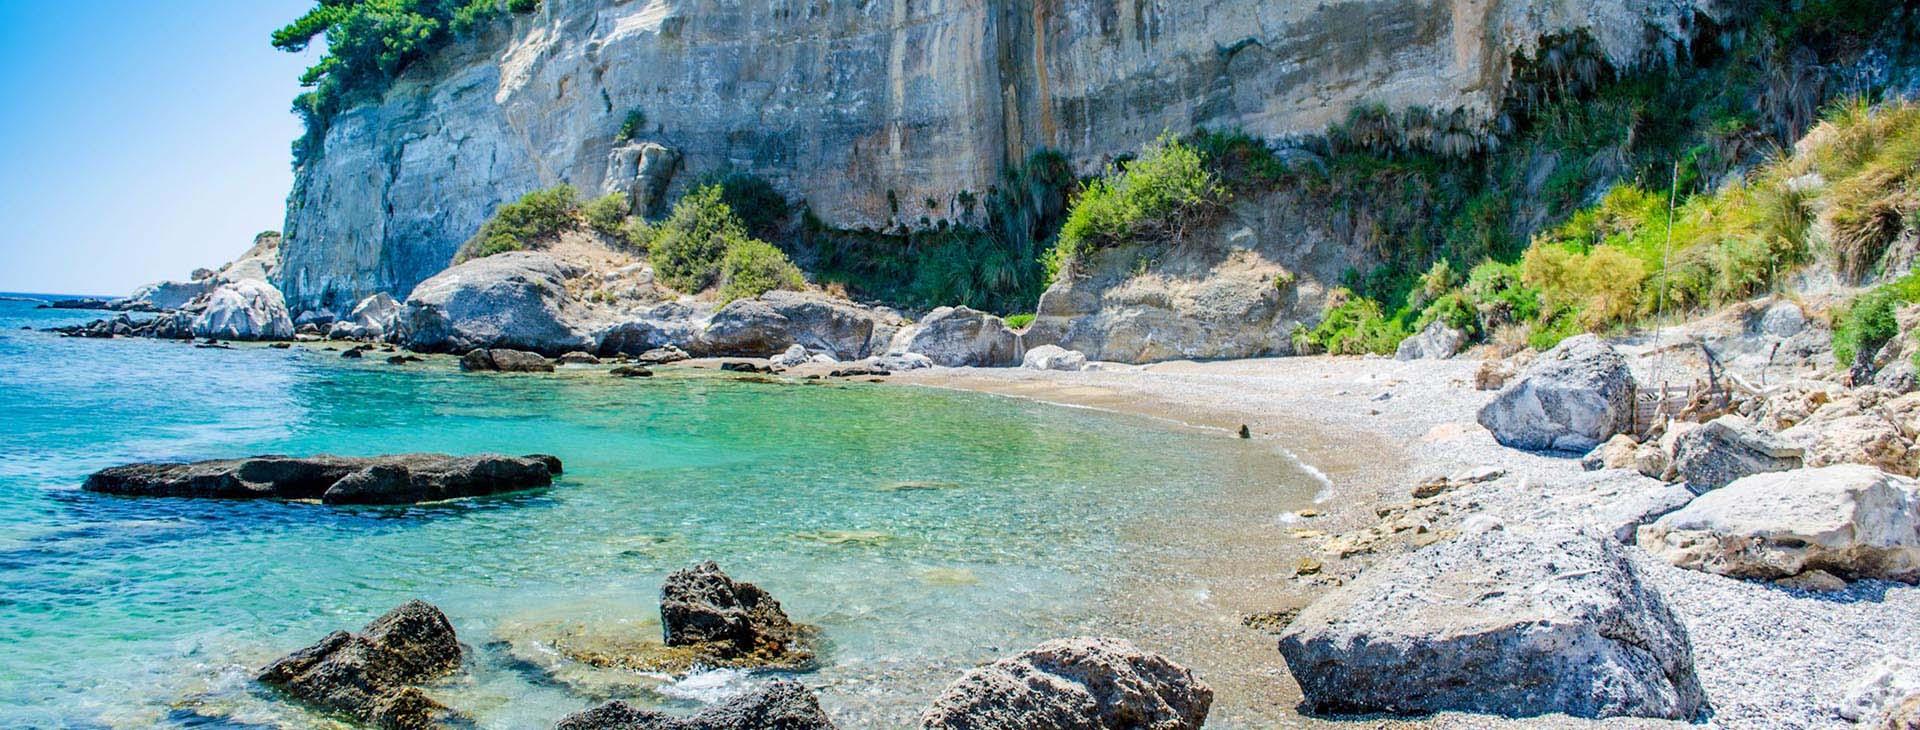 A beach near Ierapetra town, Lassithi